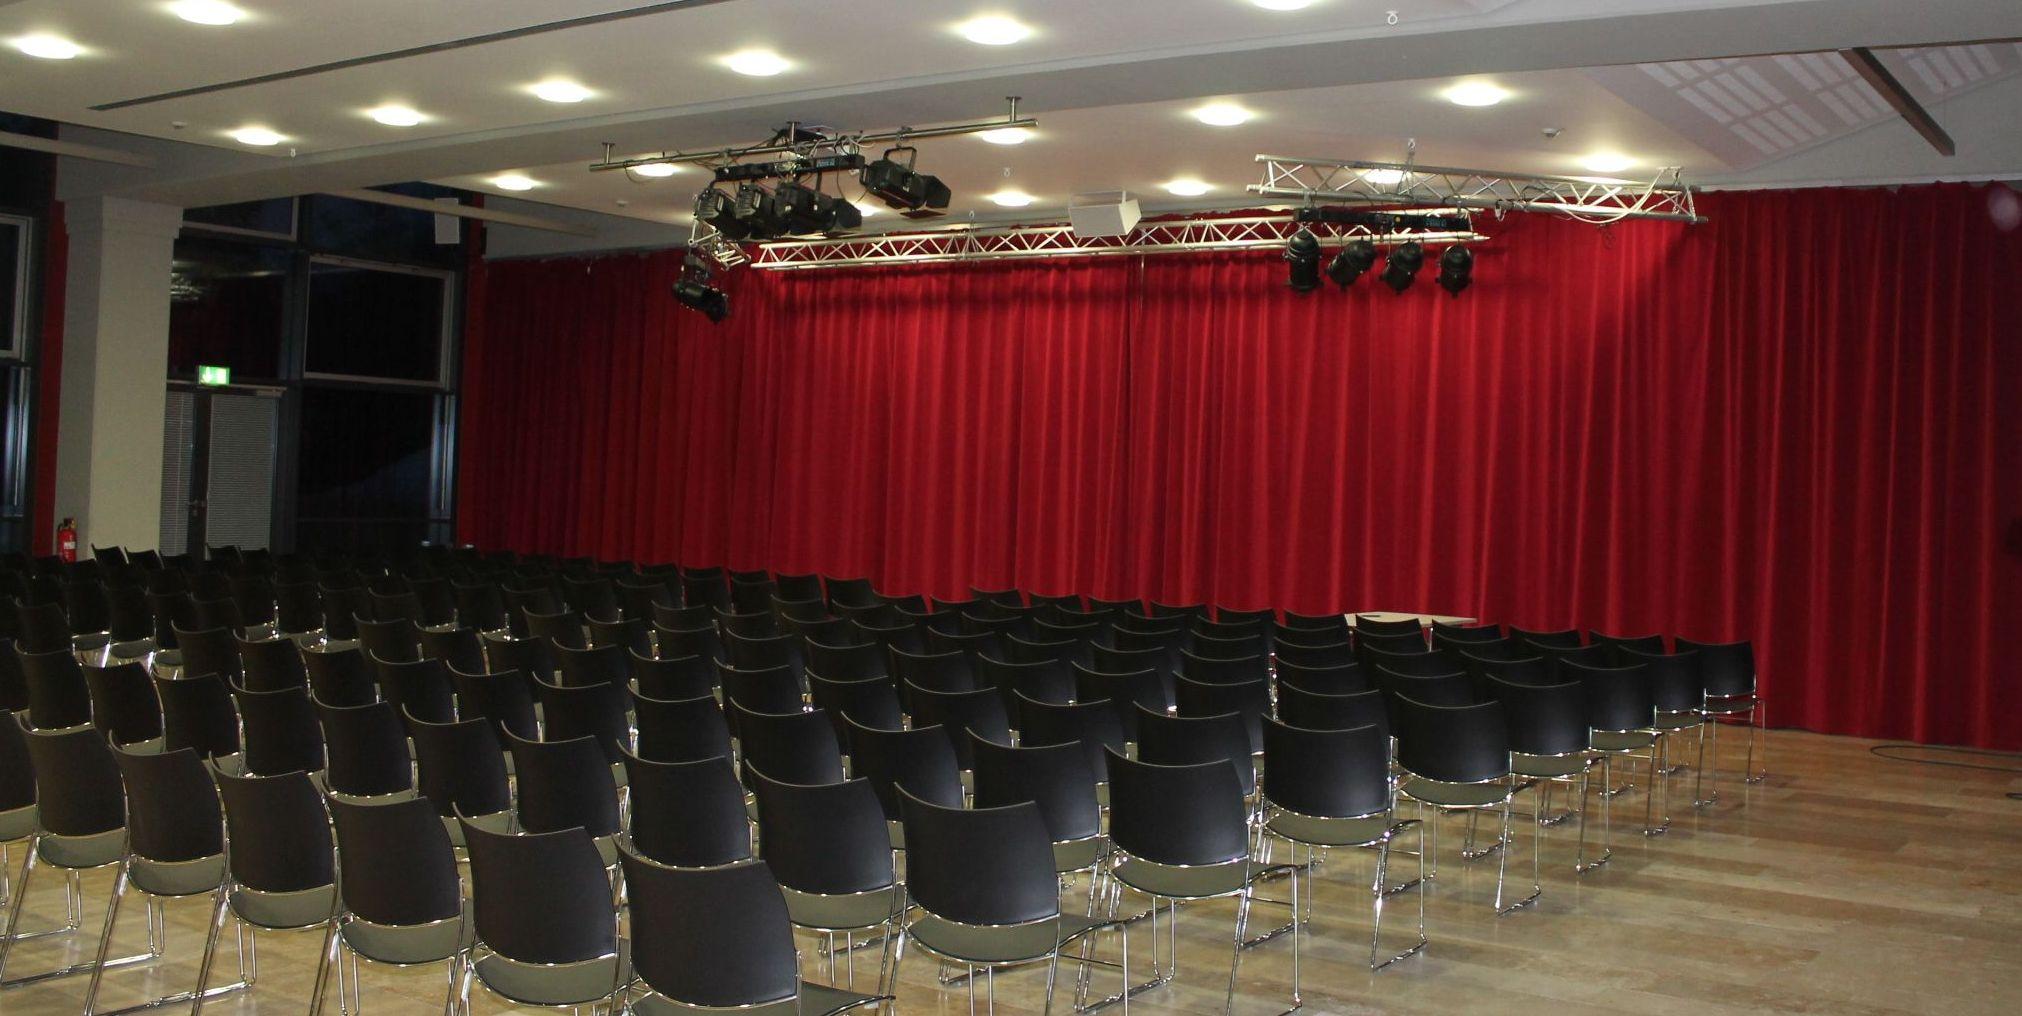 Vorhang Schallabsorbierend Dekoration : Theater bühnenvorhangschienen motorisch raffvorhänge herstellung